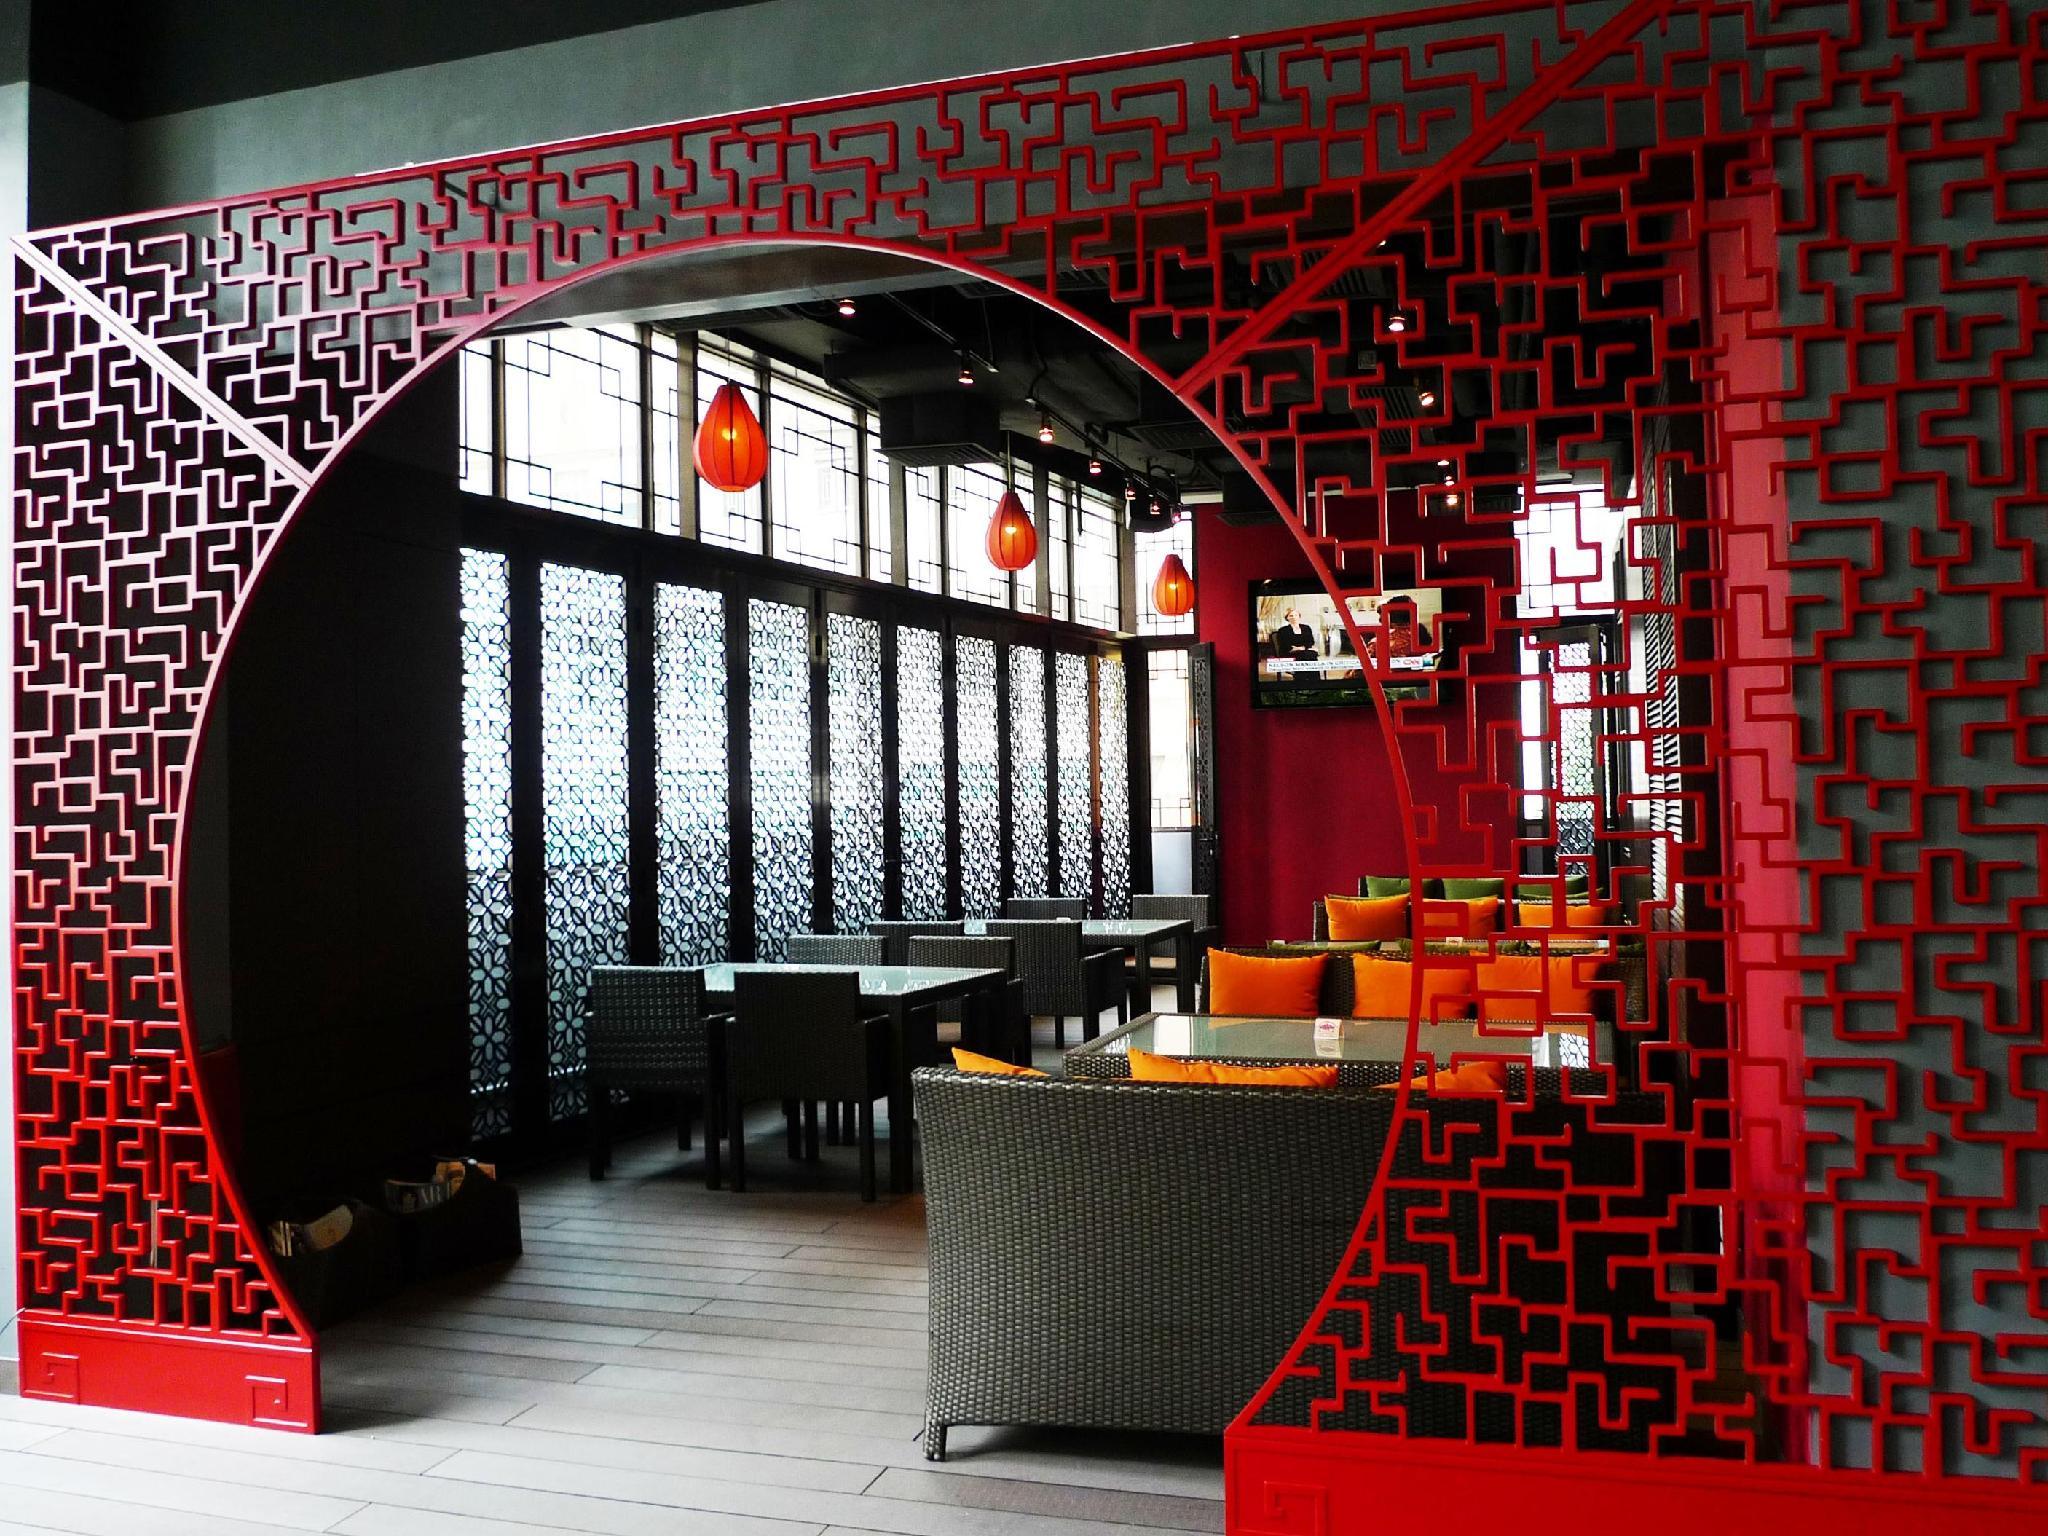 Lan Kwai Fong Hotel @ Kau U Fong Hong Kong